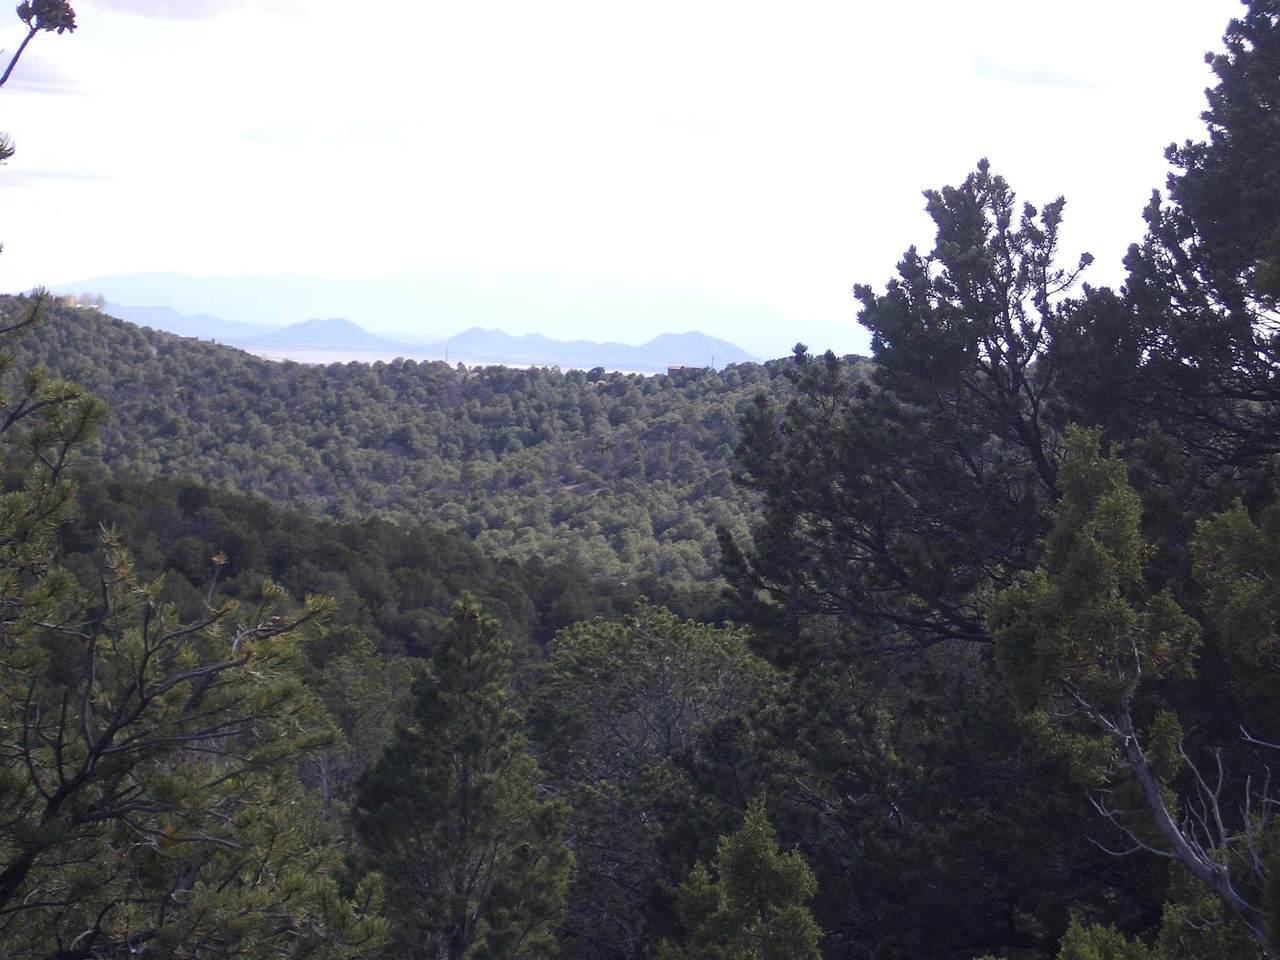 Lot 88 Cerros Colorados - Photo 1